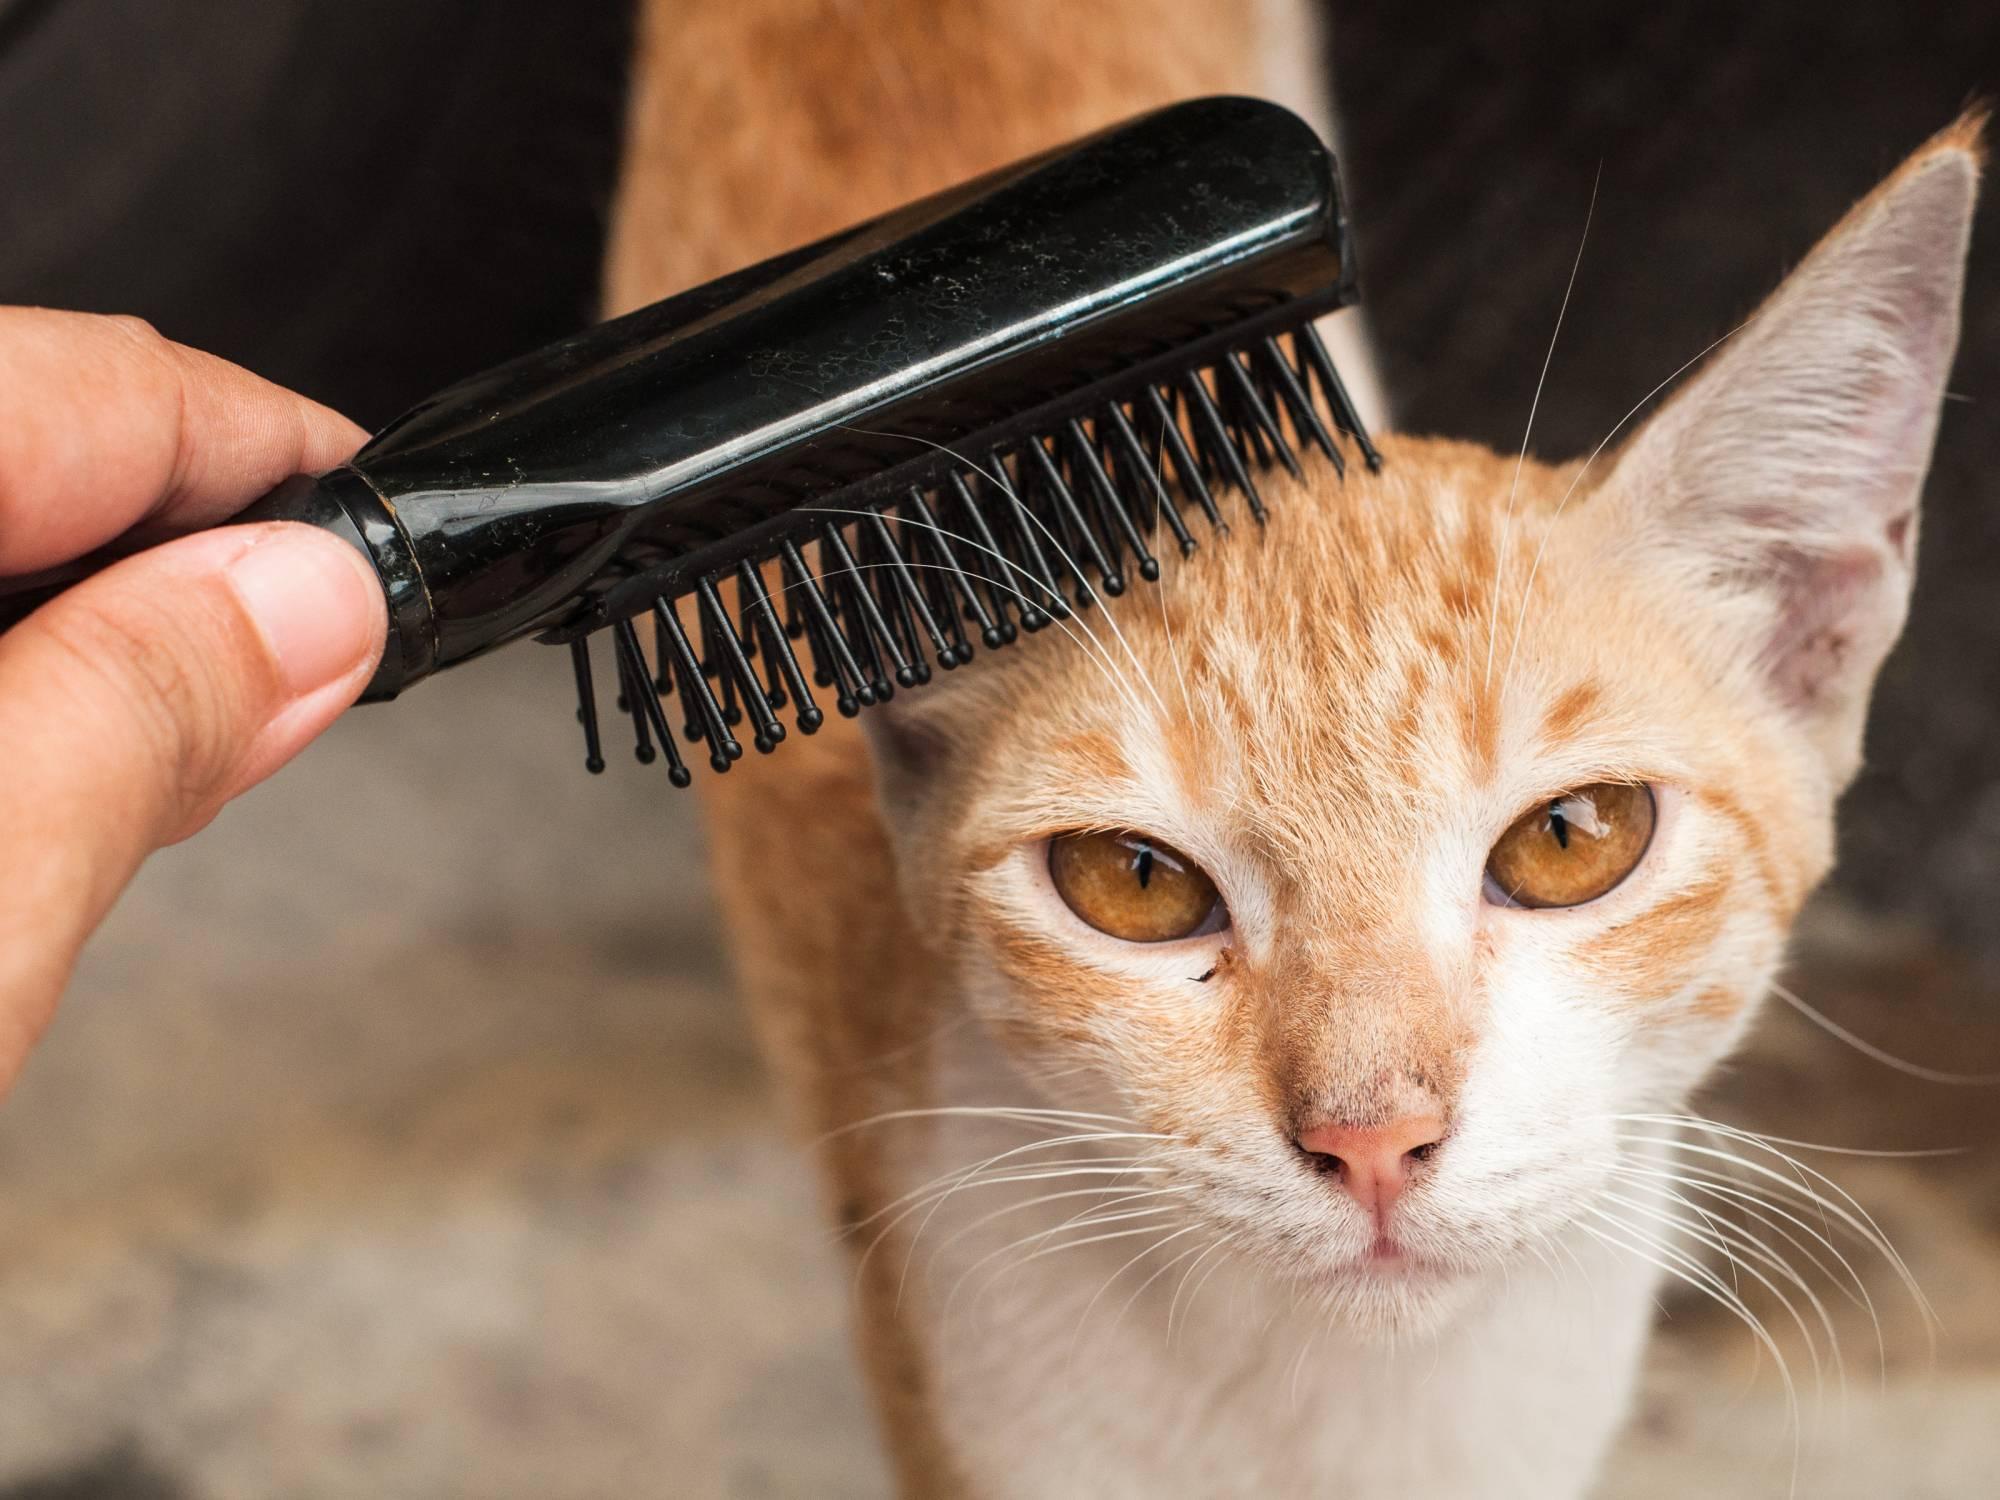 Расческа, колтунорез, рукавица для вычесывания, пуходерка для кошек: как ухаживать за шерстью и бороться с колтунами, причины их появления